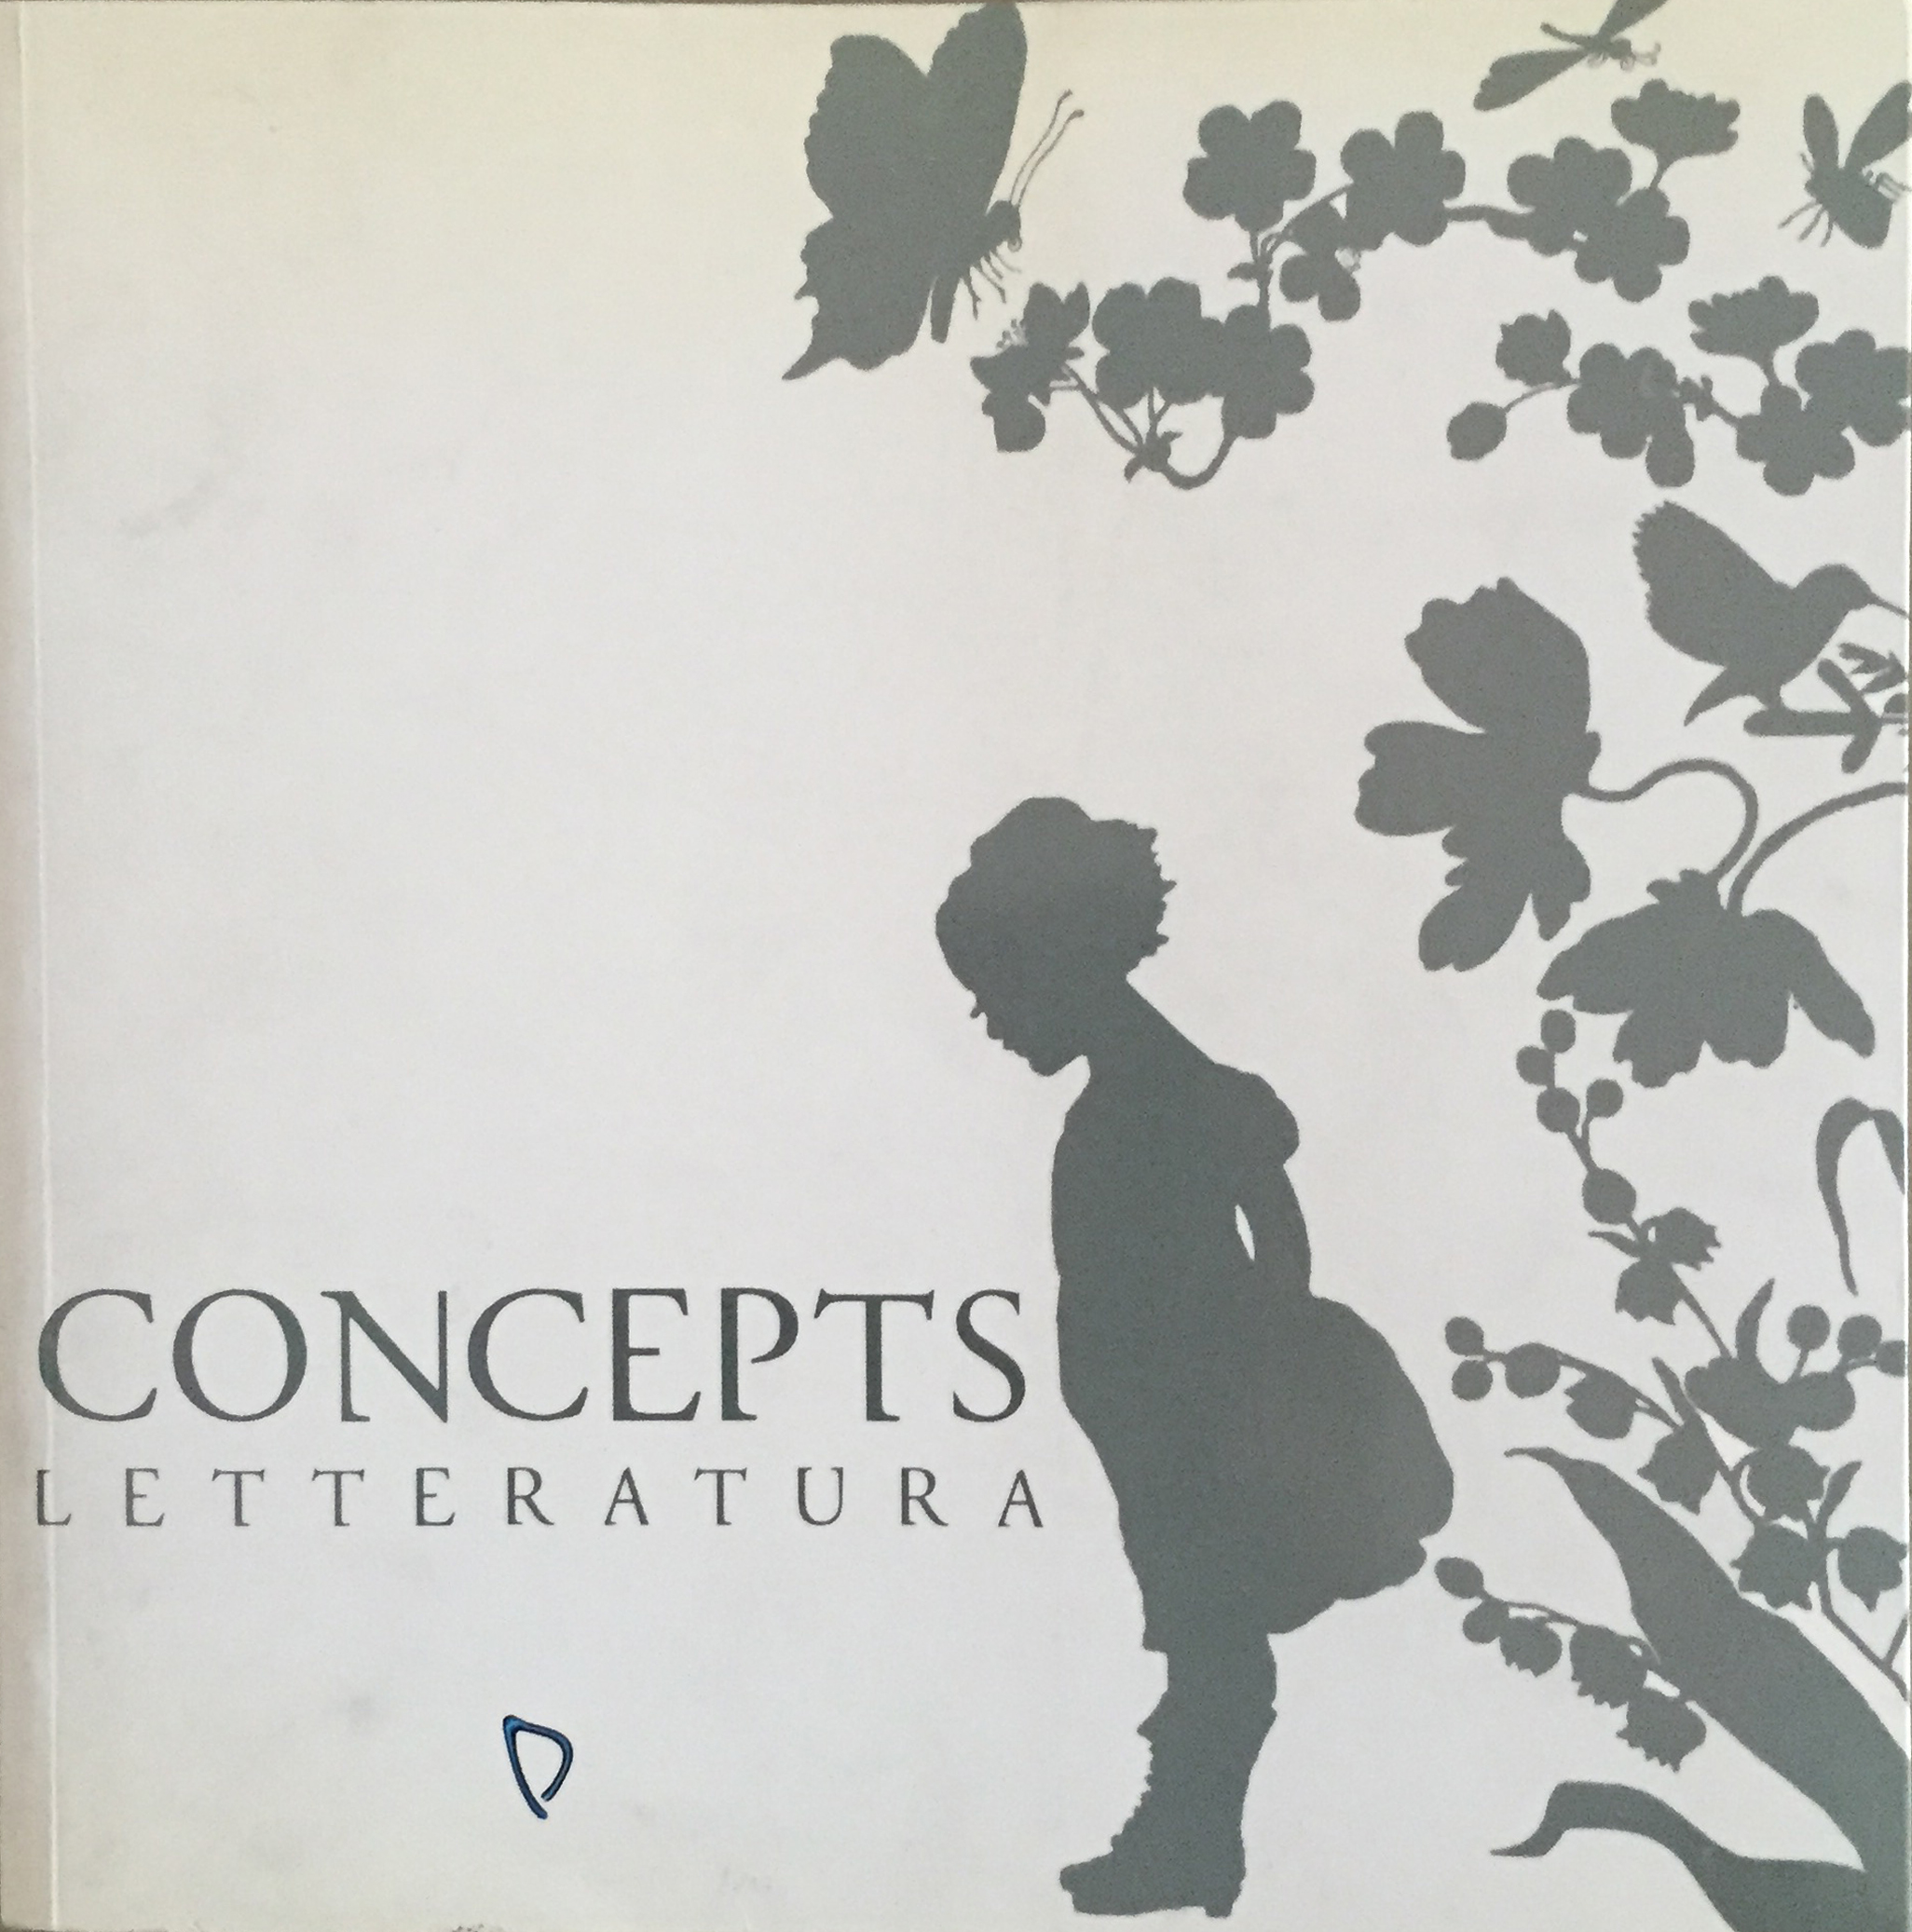 CONCEPTS LETTERATURA. Racconti